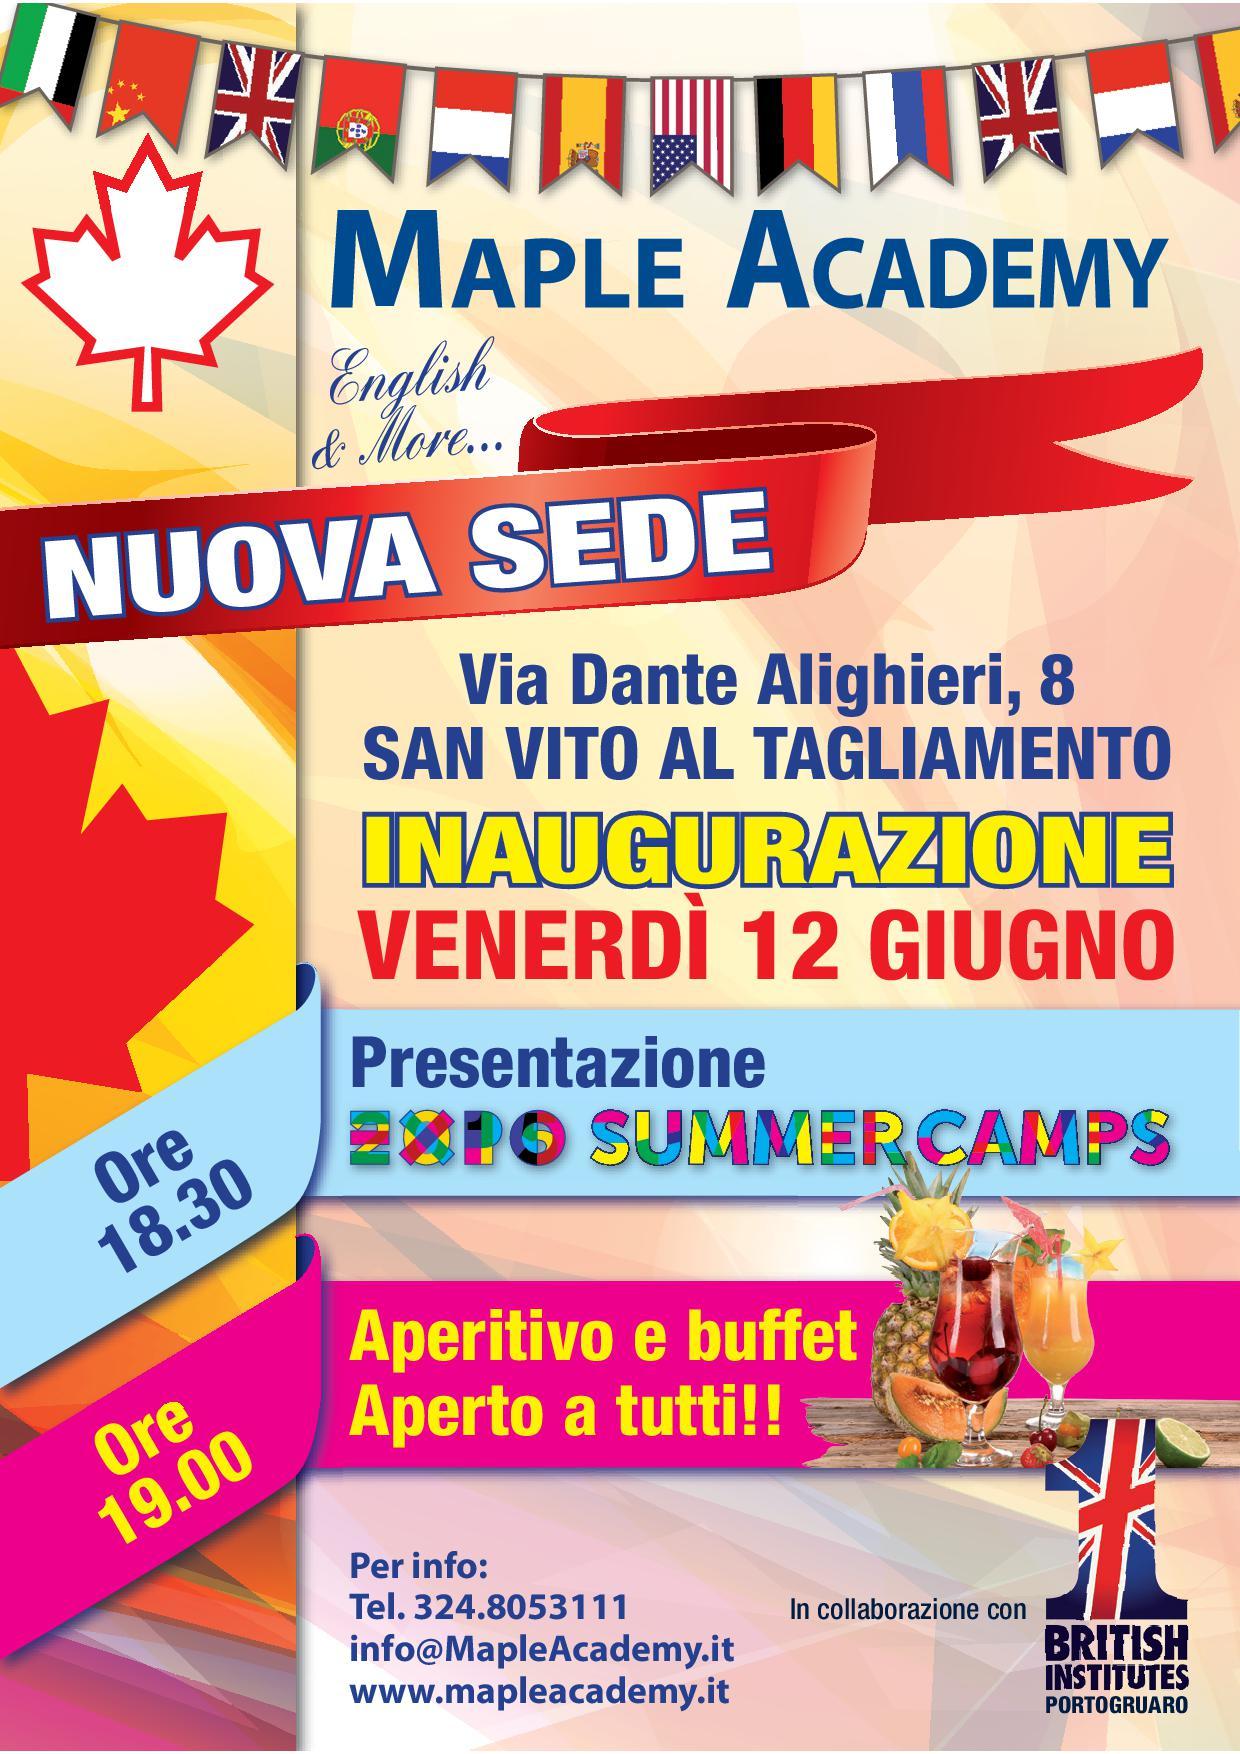 Inaugurazione Nuova Sede Maple Academy